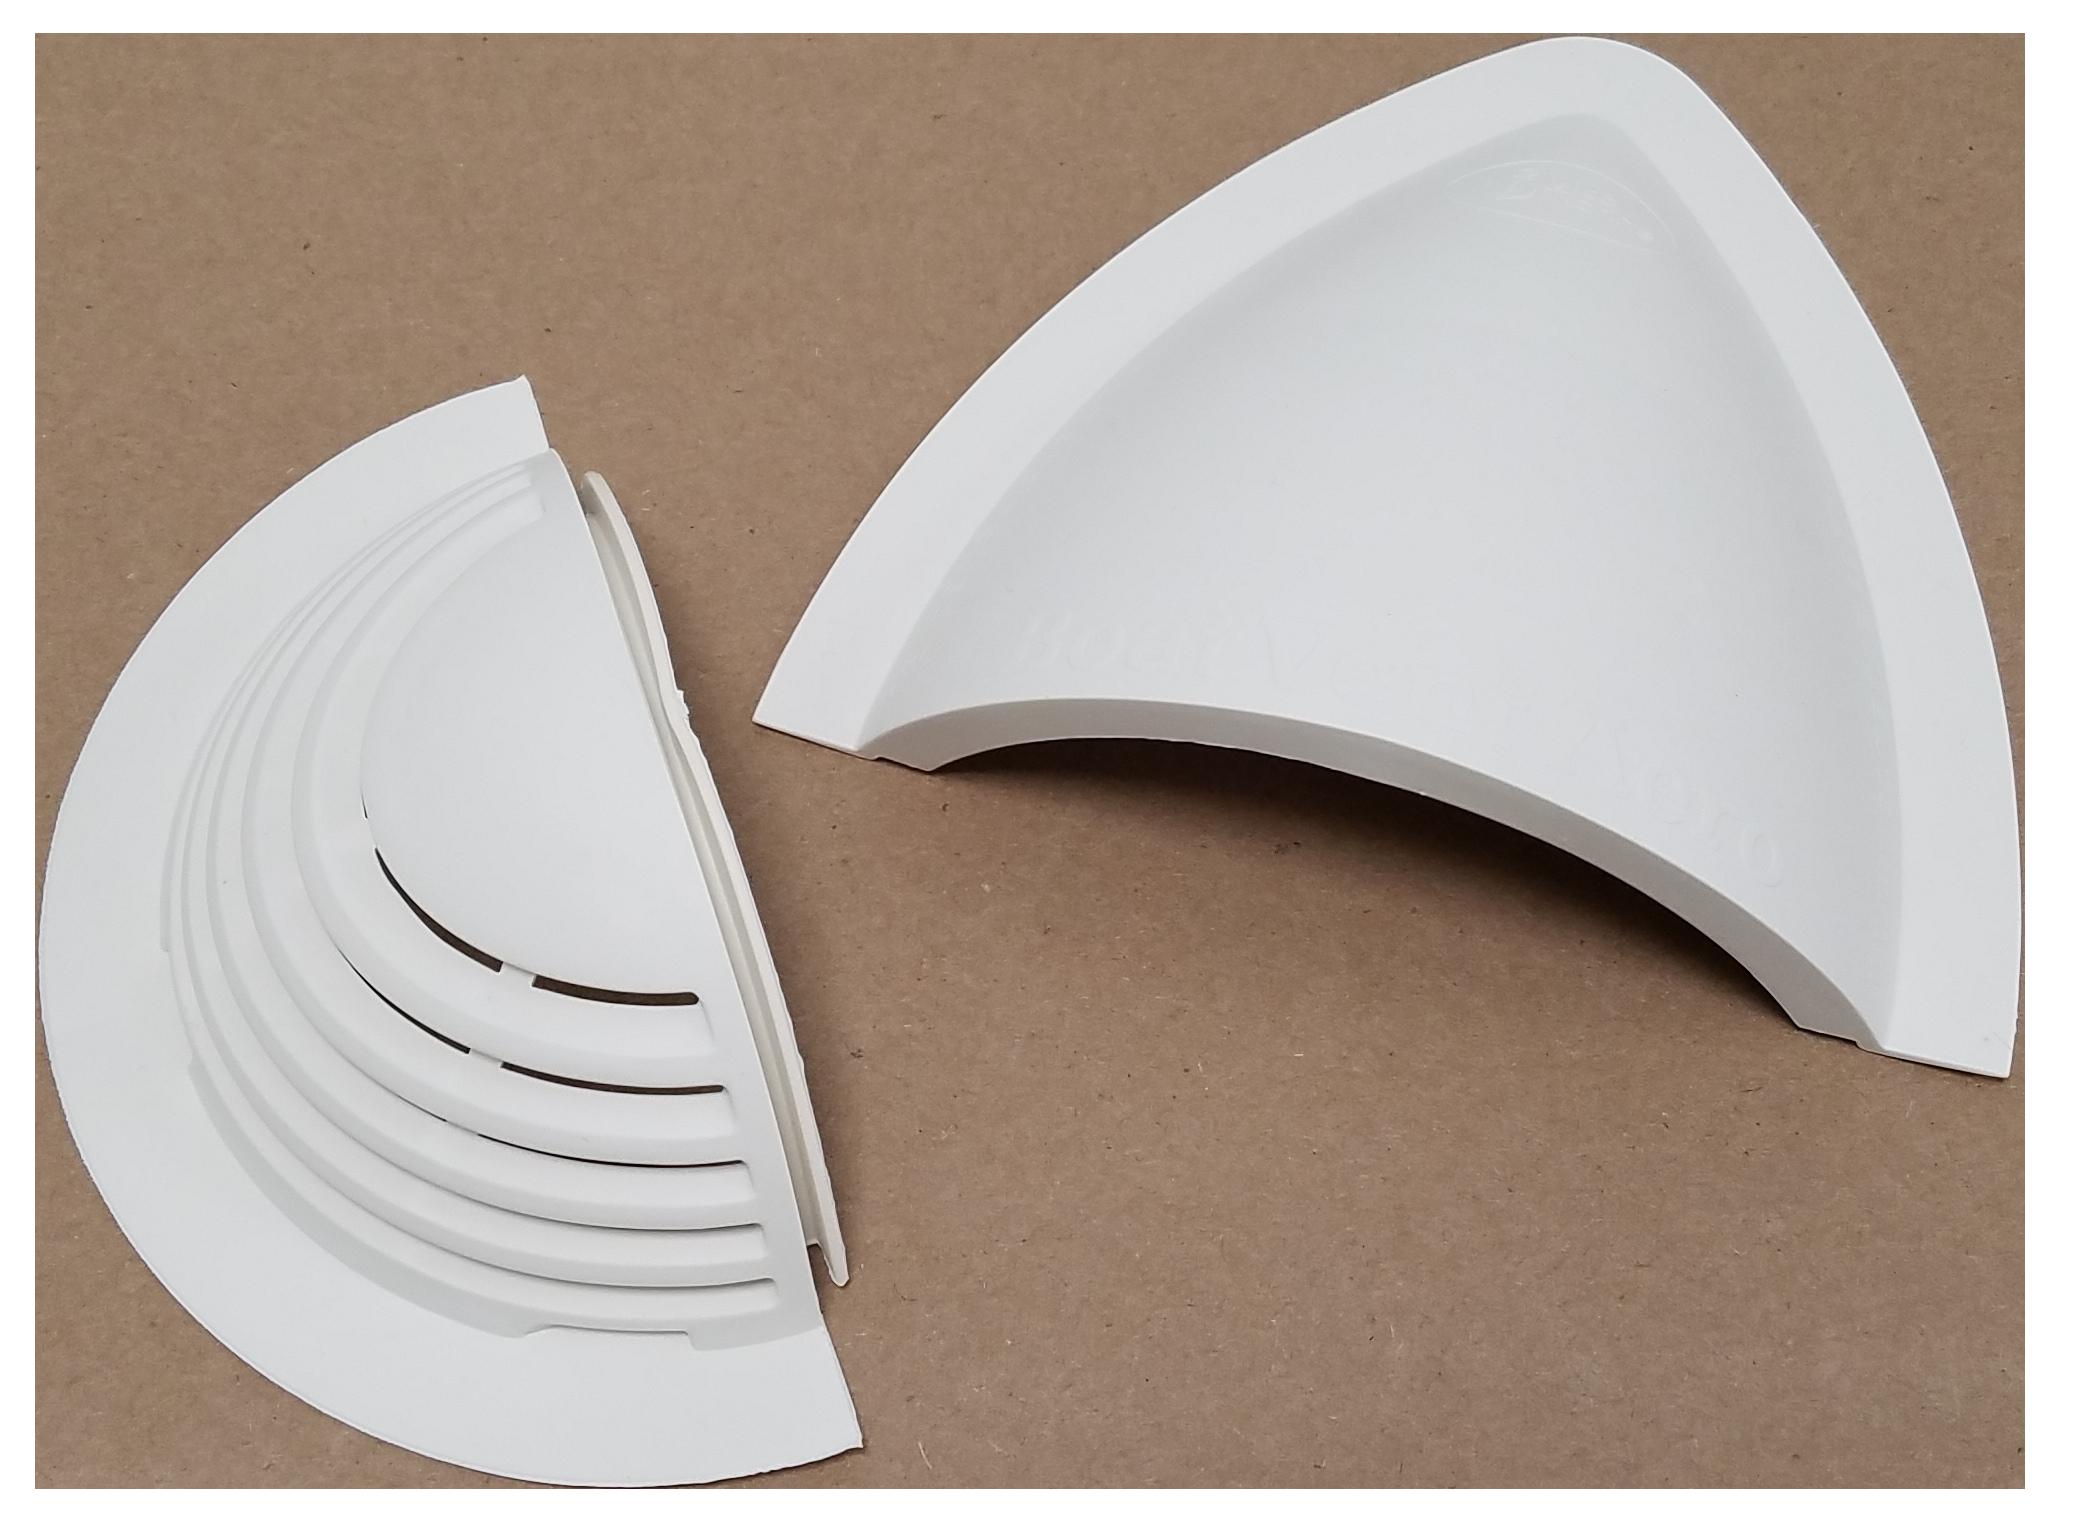 Aero White 2 Pieces PNG